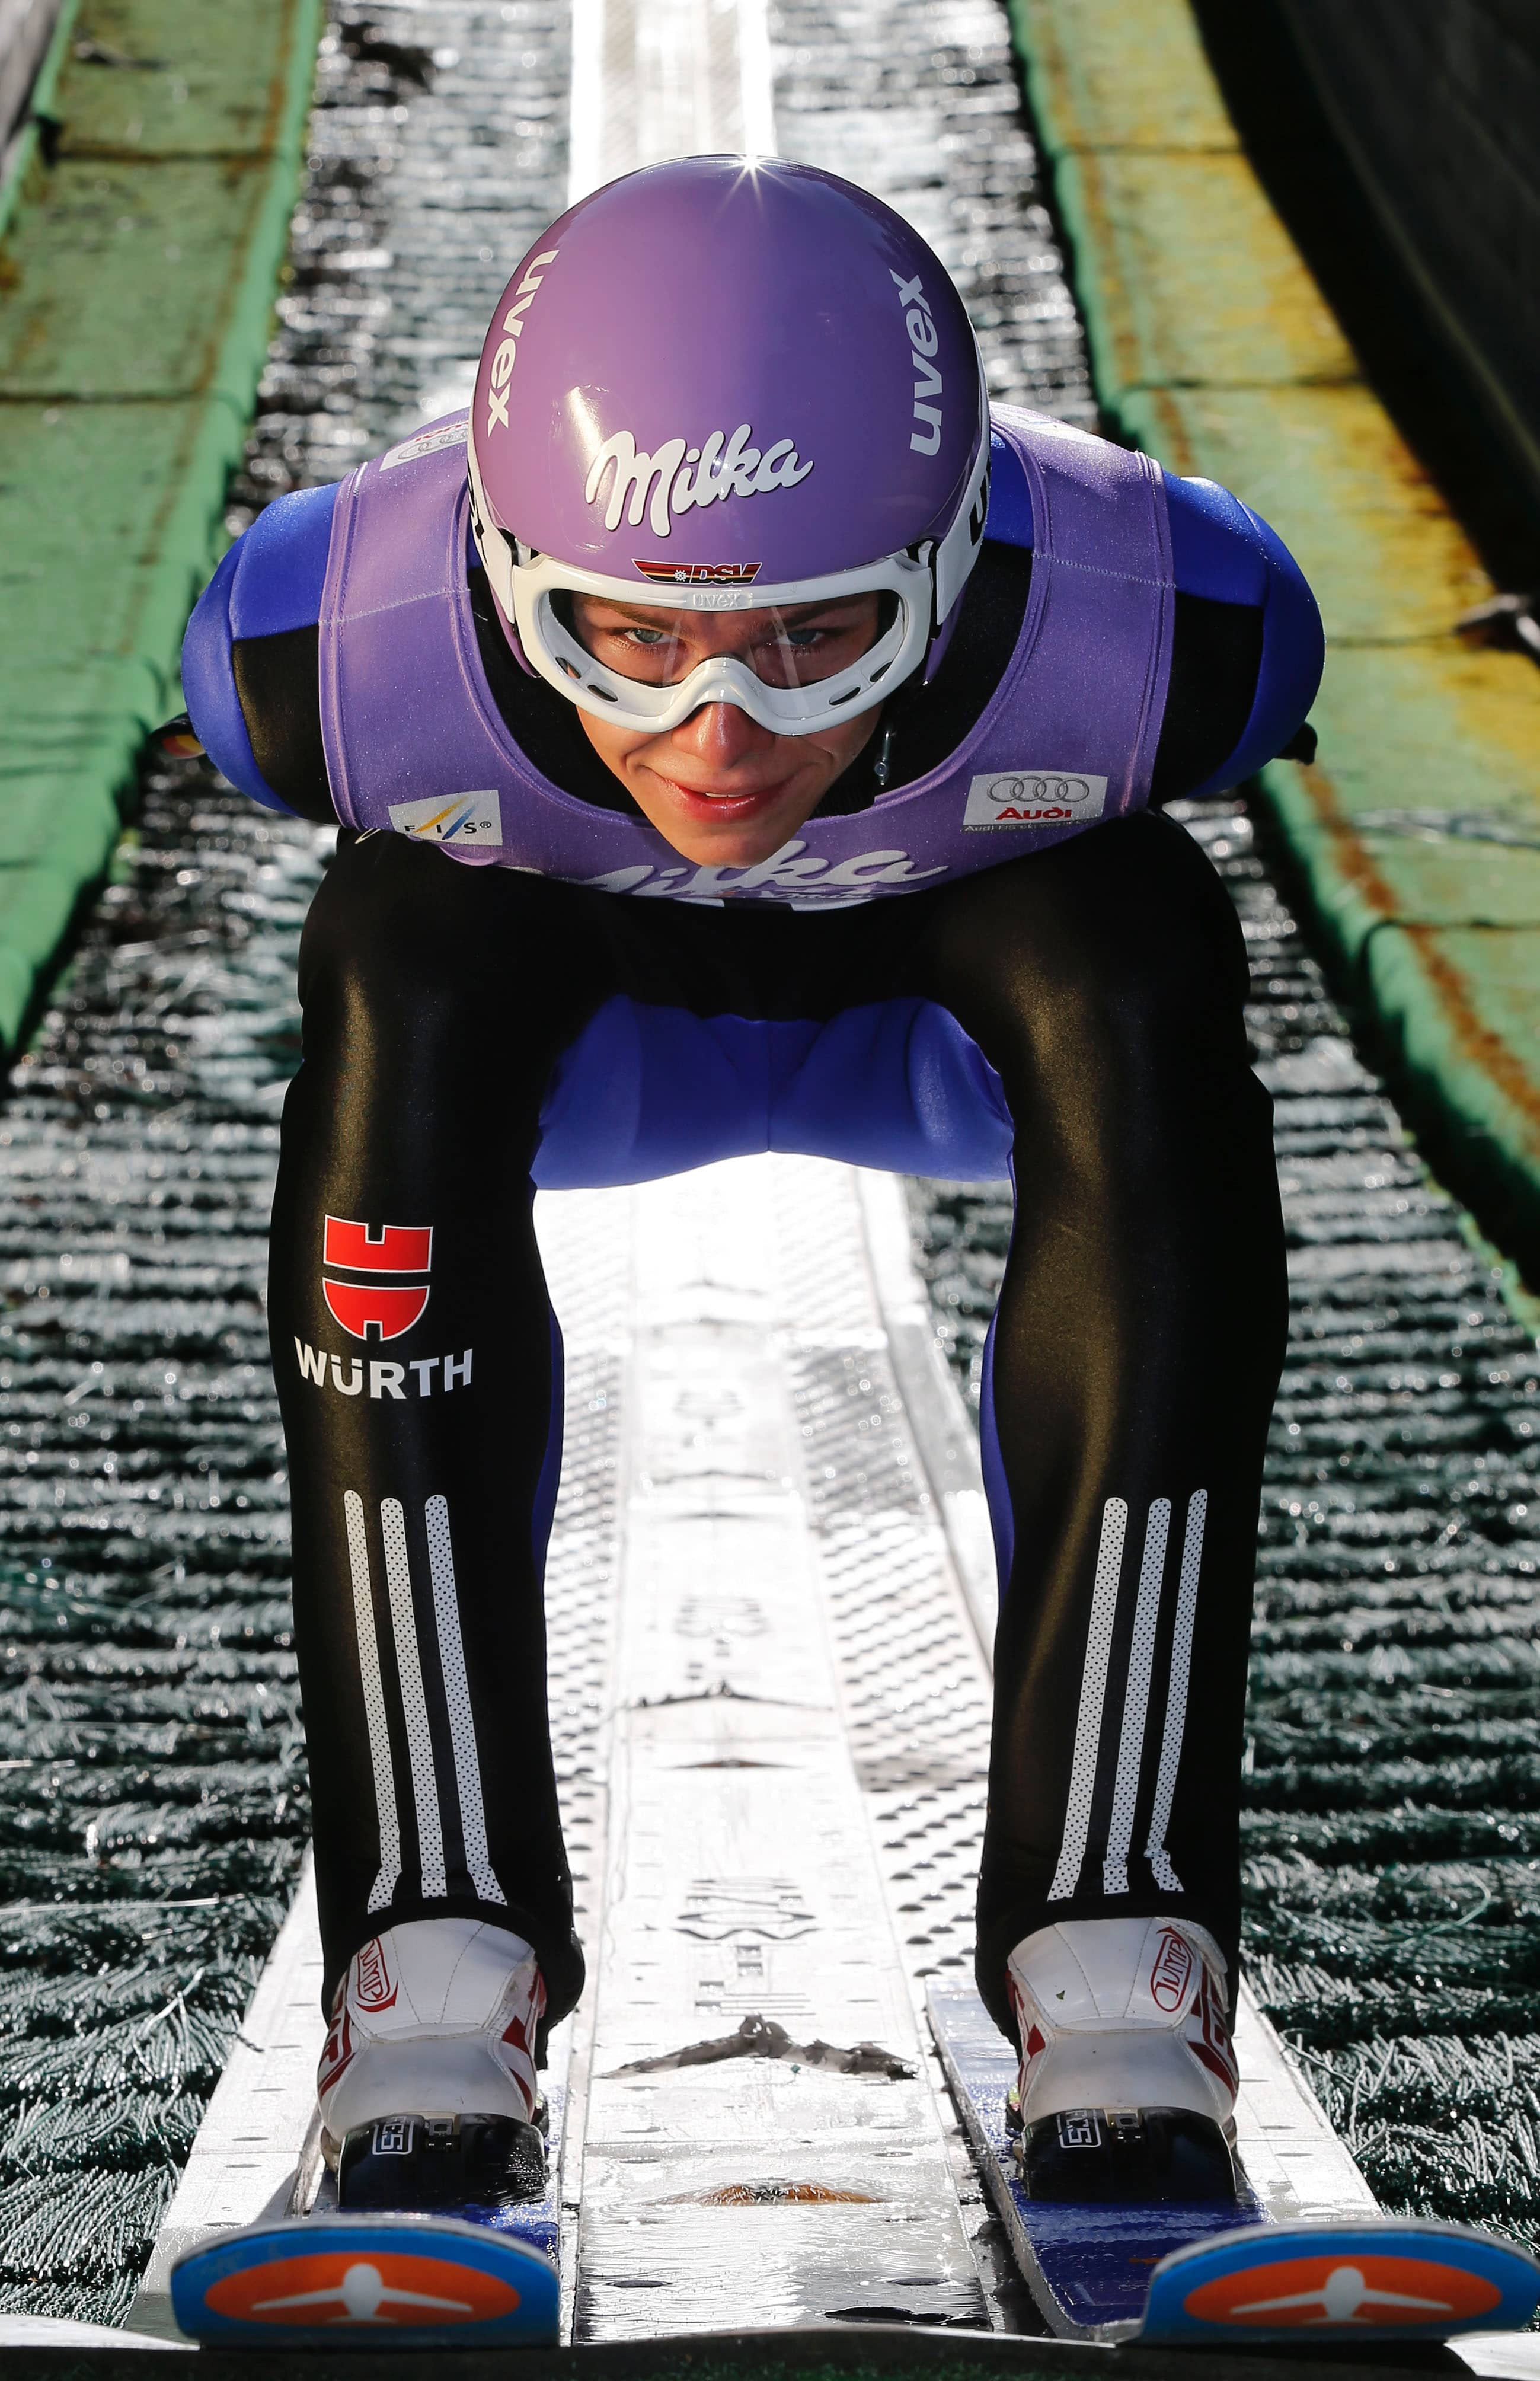 Comeback im Skispringen: Milka wird Hauptsponsor der Vierschanzentournee – Infront gewinnt die beliebte Schokoladenmarke als Partner für den Skisprung-Klassiker